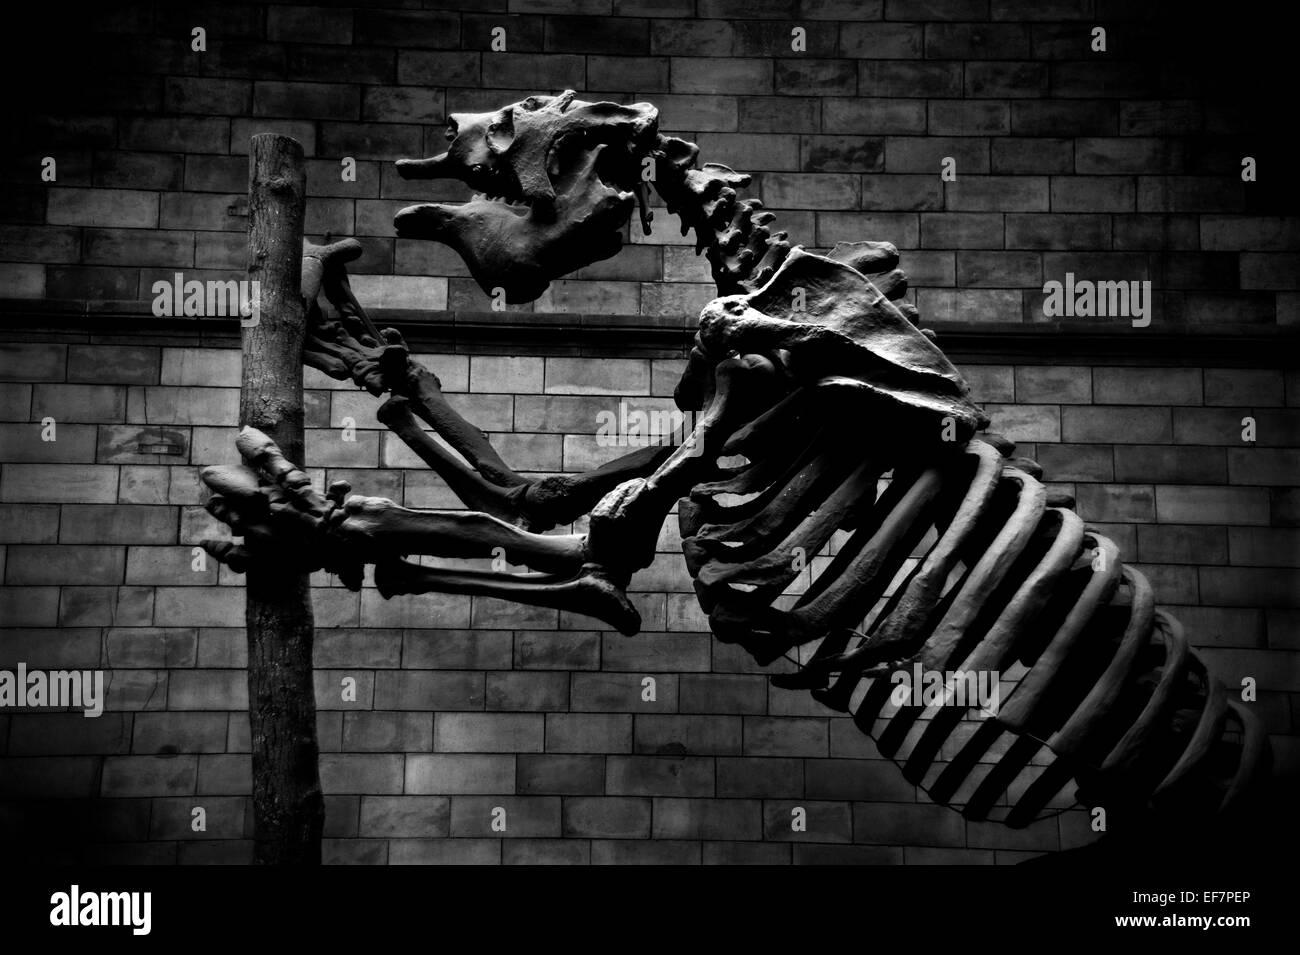 Natural History Museum, London, England,UK. January 2015 Giant Ground Sloth,Megatherium Americanum - Stock Image